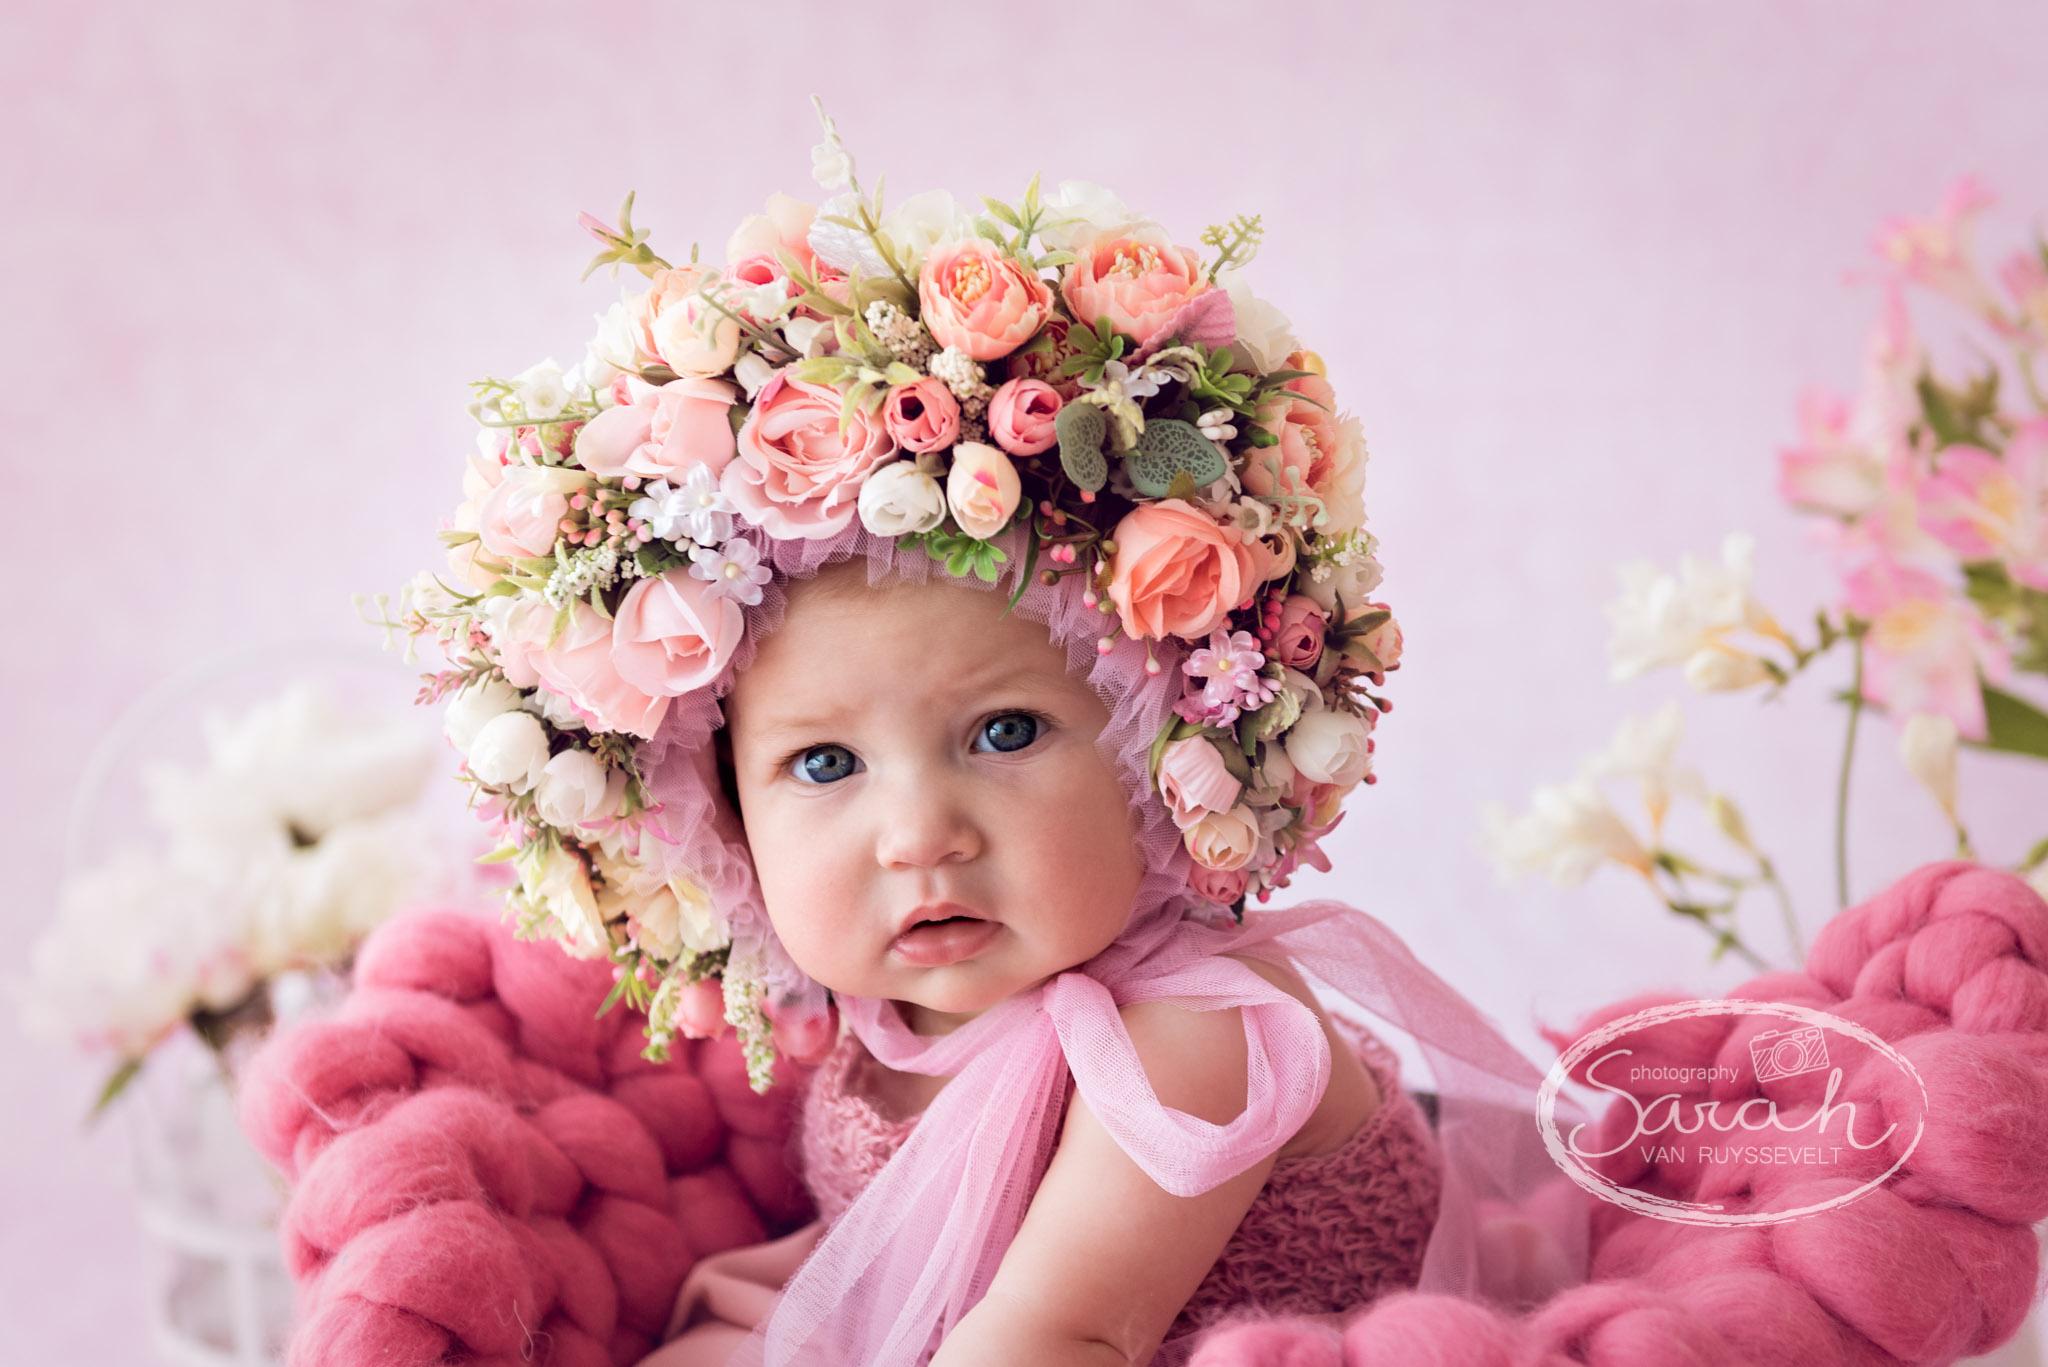 baby fotosessie, babyfotografie, baby fotograaf, baby met bloemenbonnet in roze setting